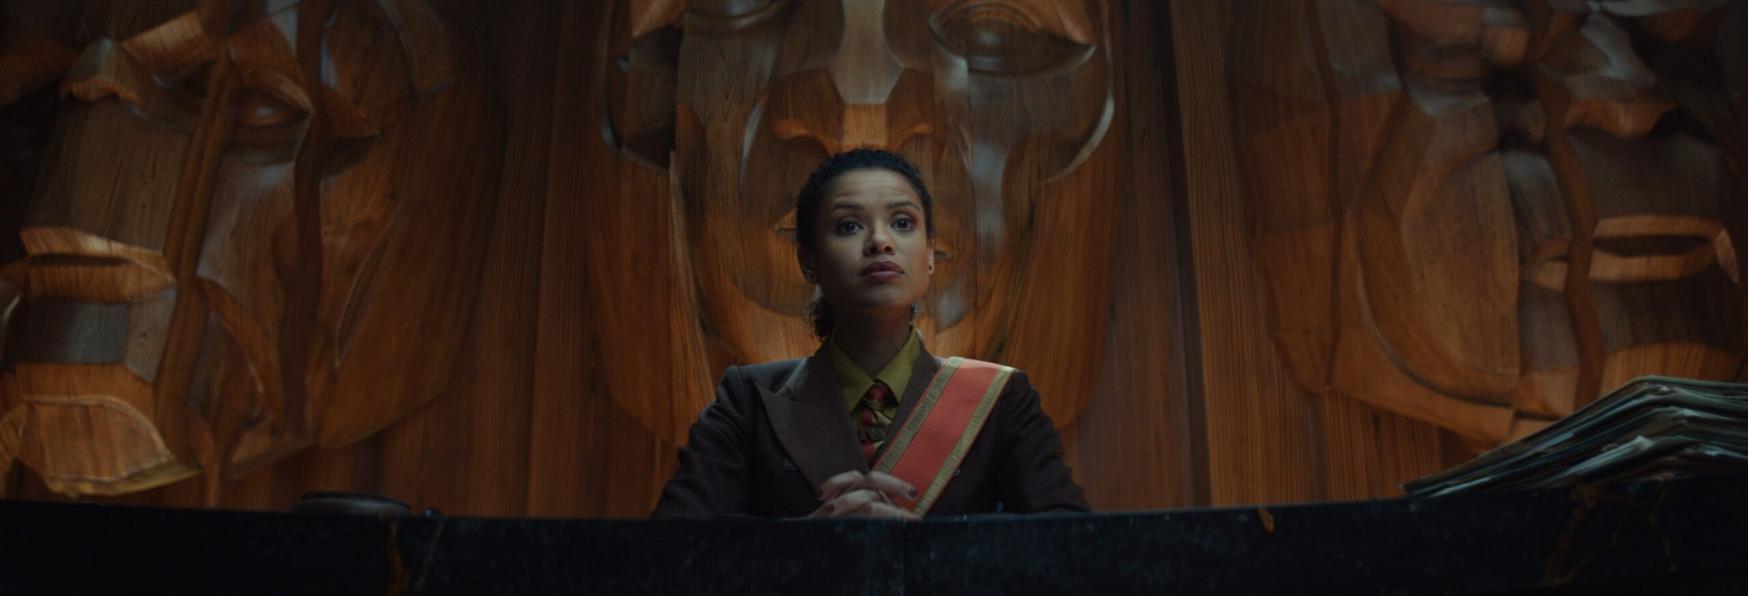 Loki 1x03: le Anticipazioni dell'Episodio Inedito della Serie TV targata Disney+